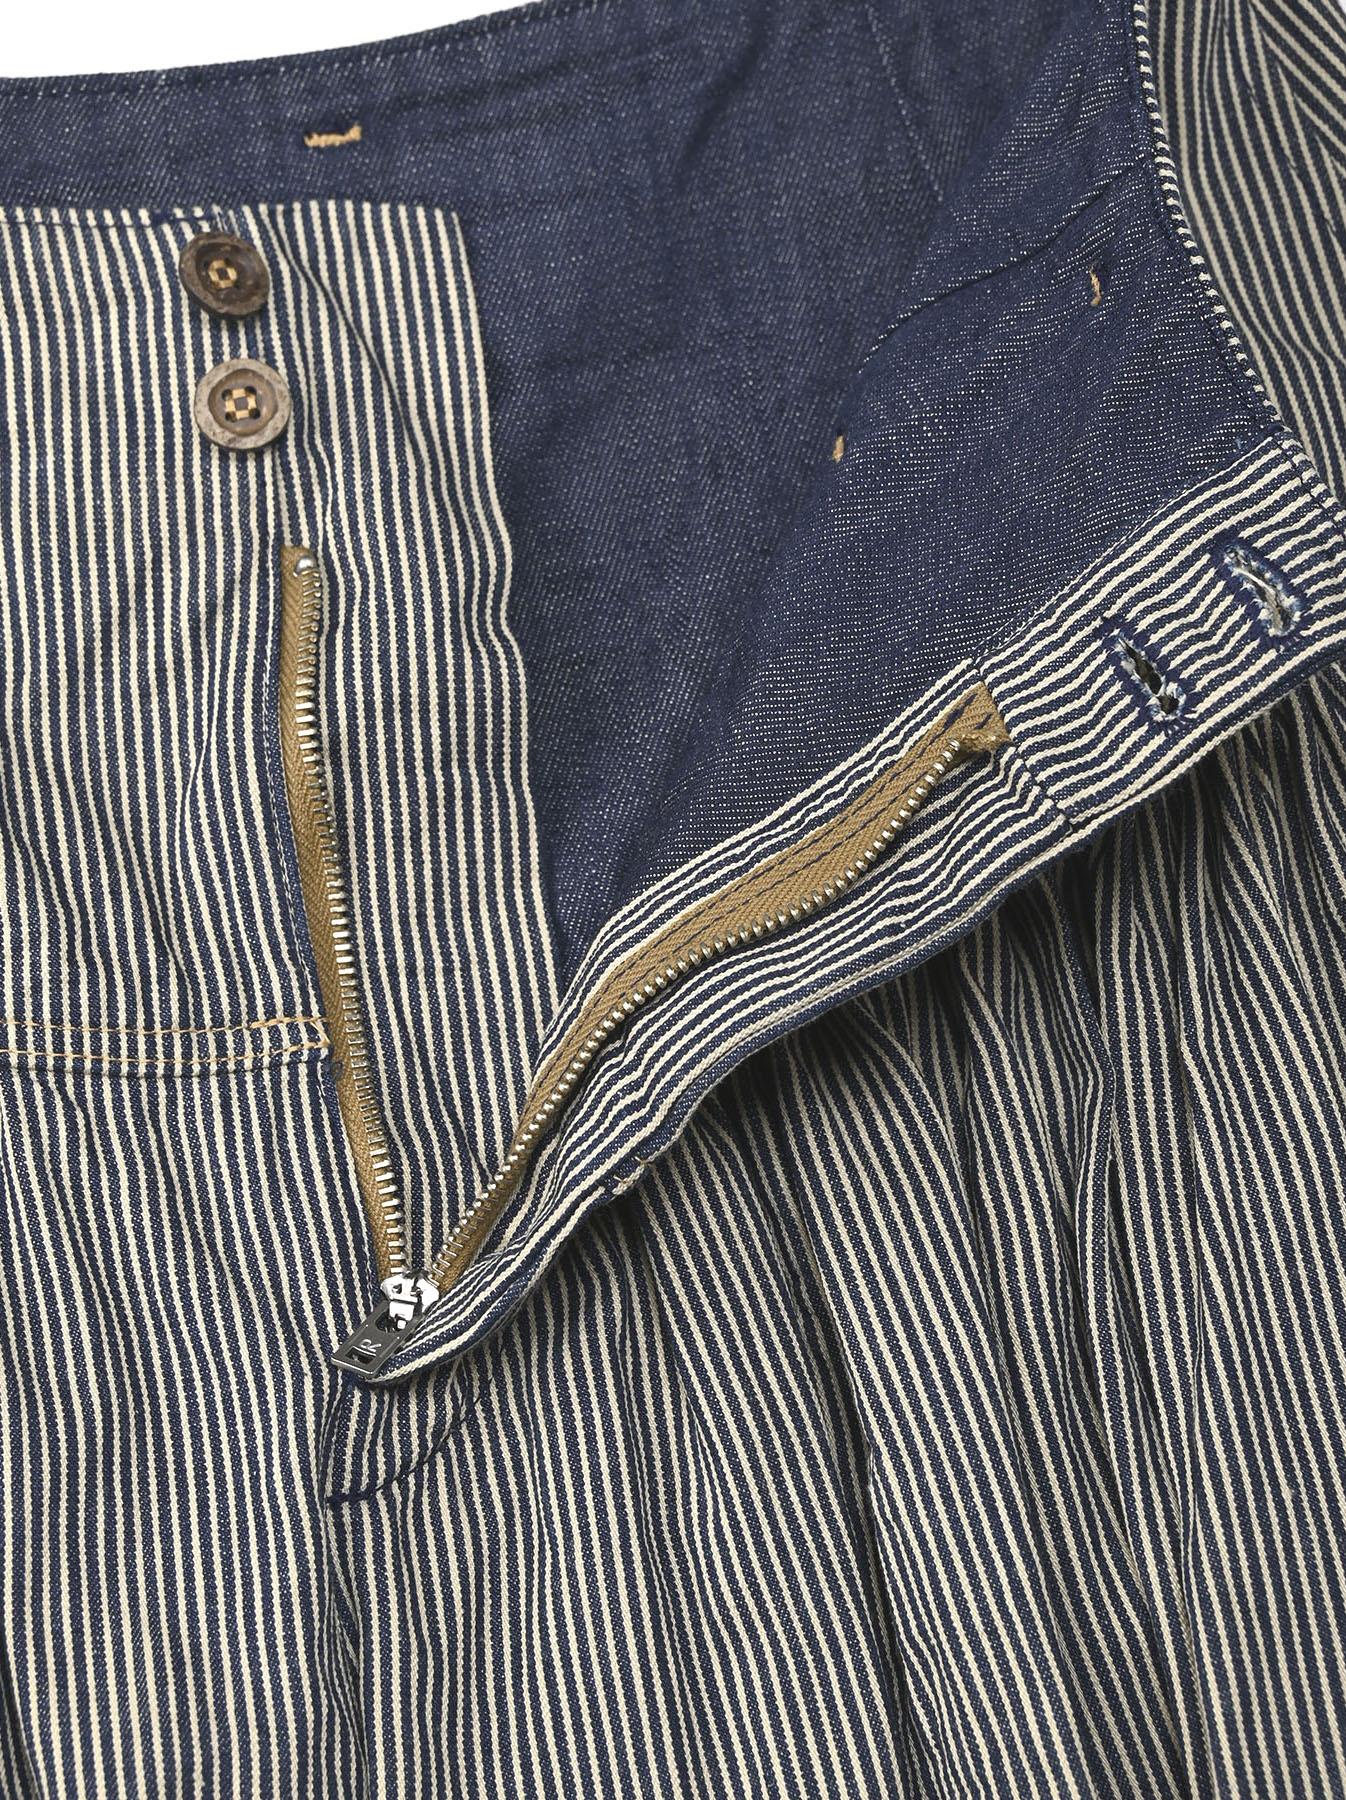 Denim Gathered Culottes Skirt(0721)-8